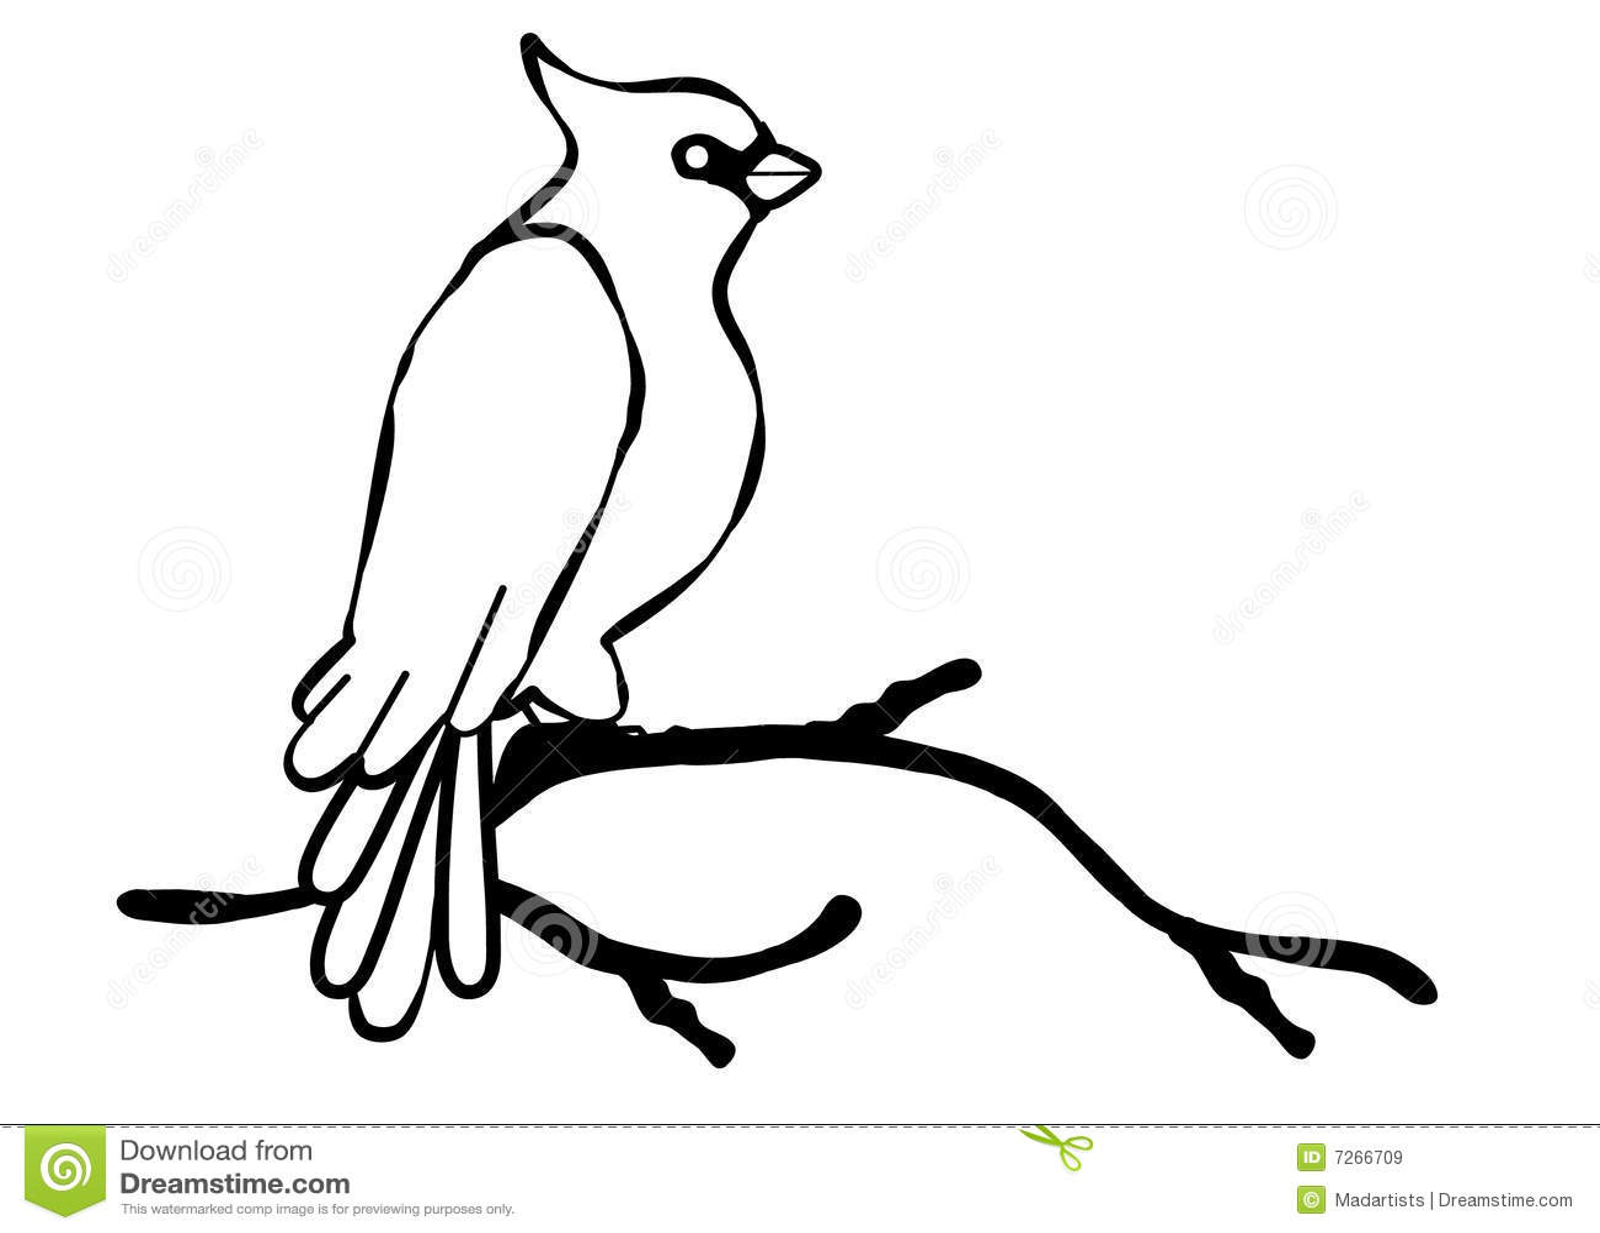 Cardinal Bird Line Art Royalty Free Stock Images